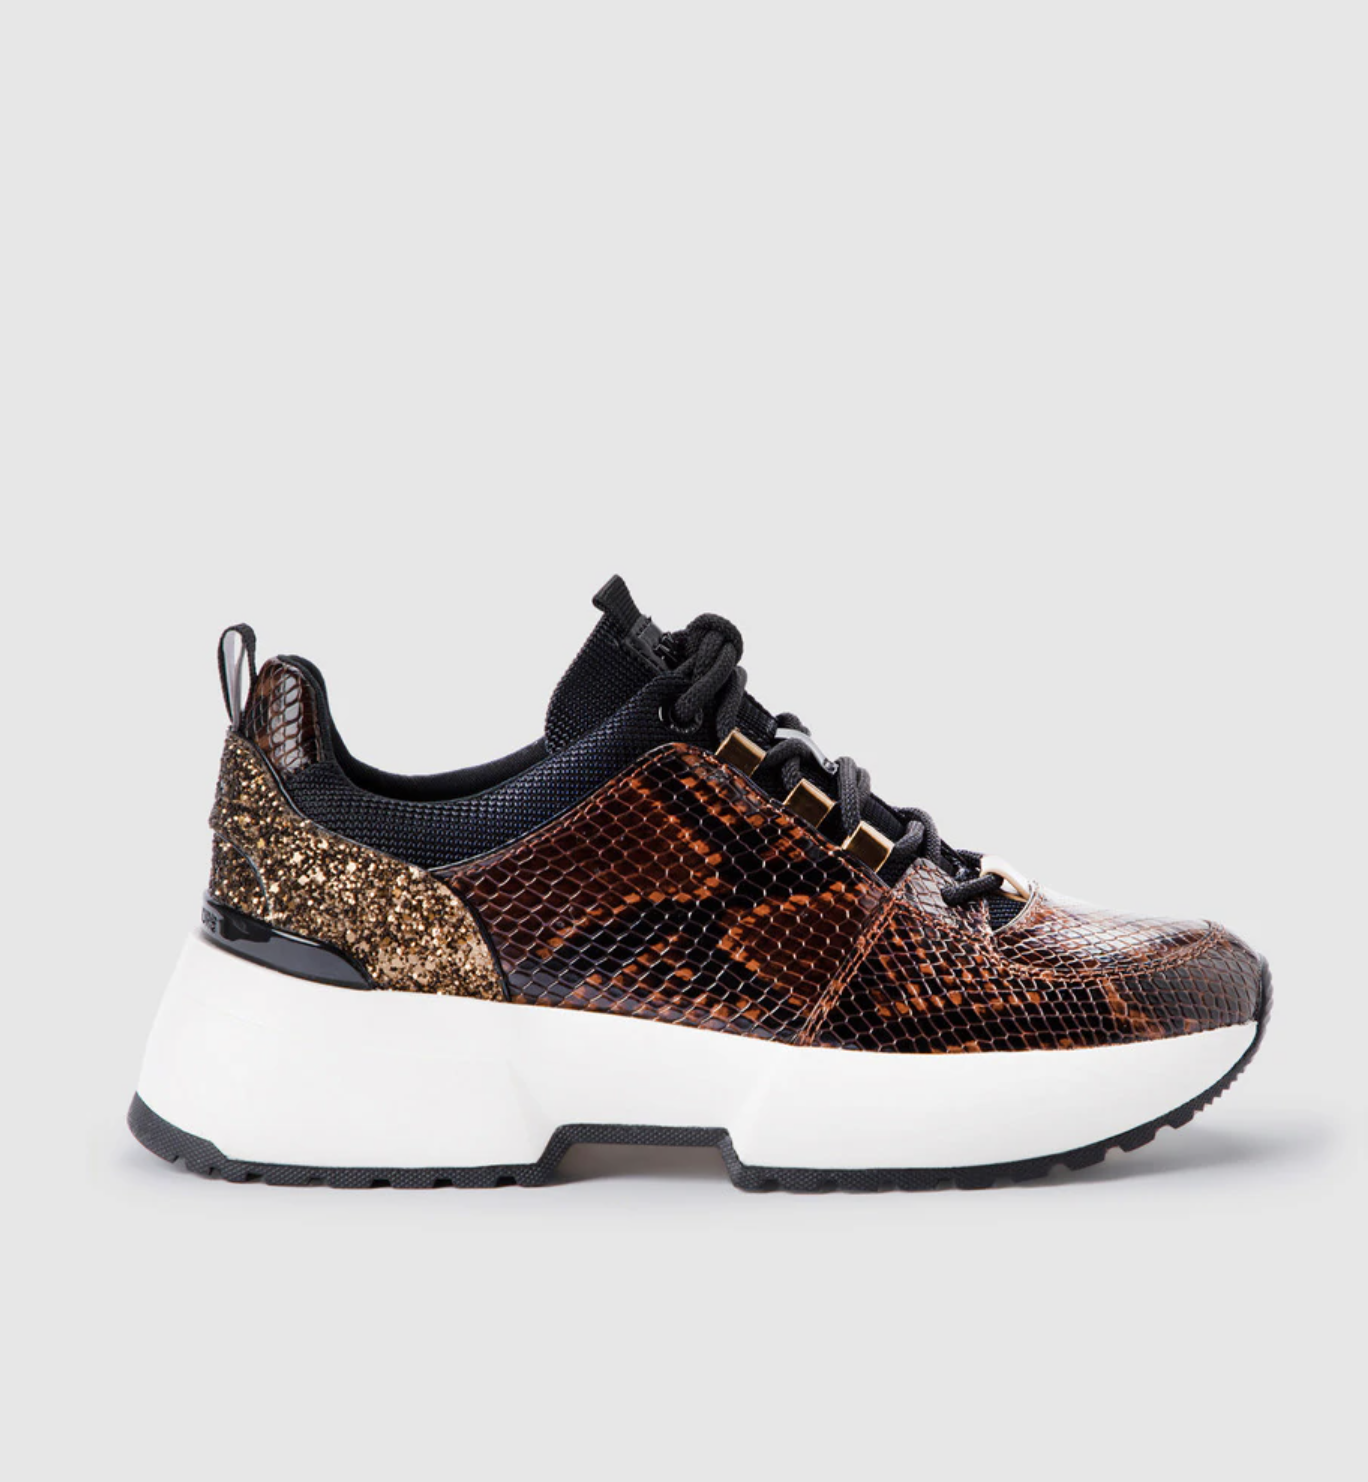 Zapatillas deportivas de mujer Michael Michael kors de piel marrón con cordones